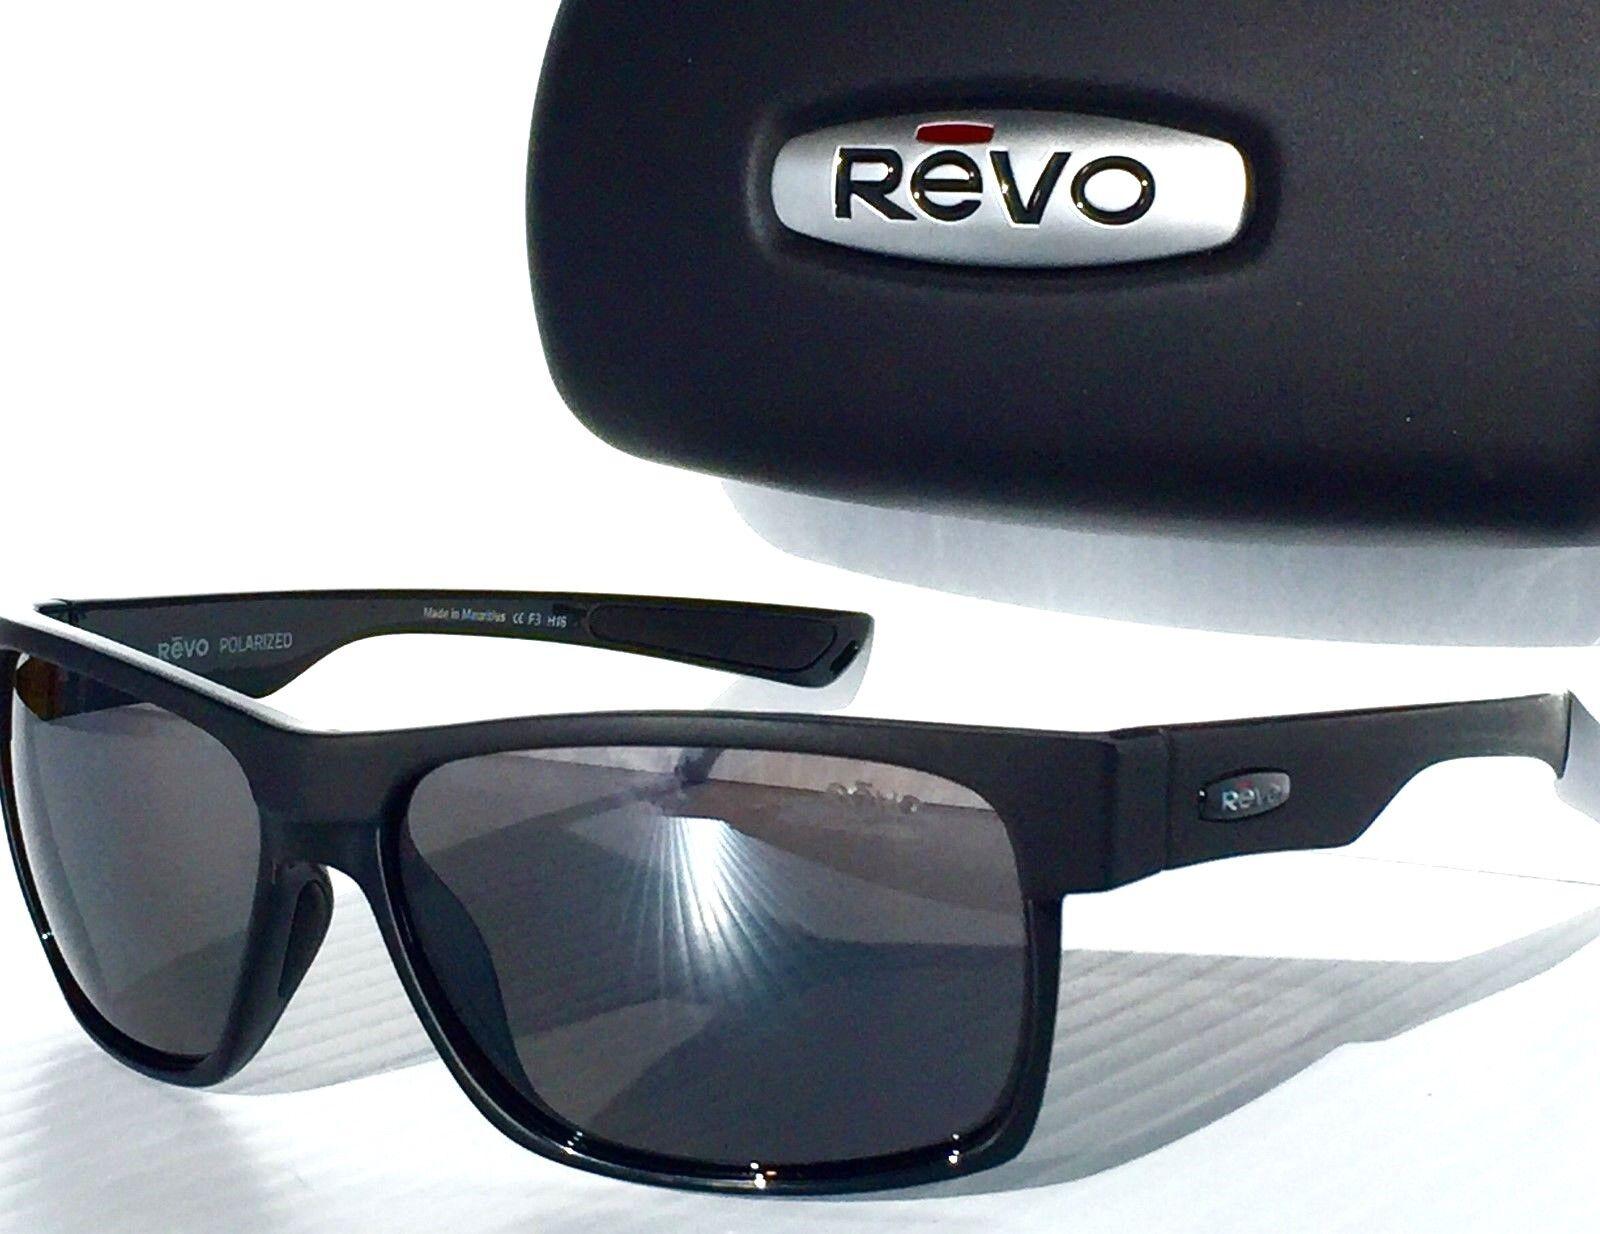 0bbf764b74 New  REVO Camden in Matte Black W Polarized Grey Lens Sunglass 5011x -01  for sale online